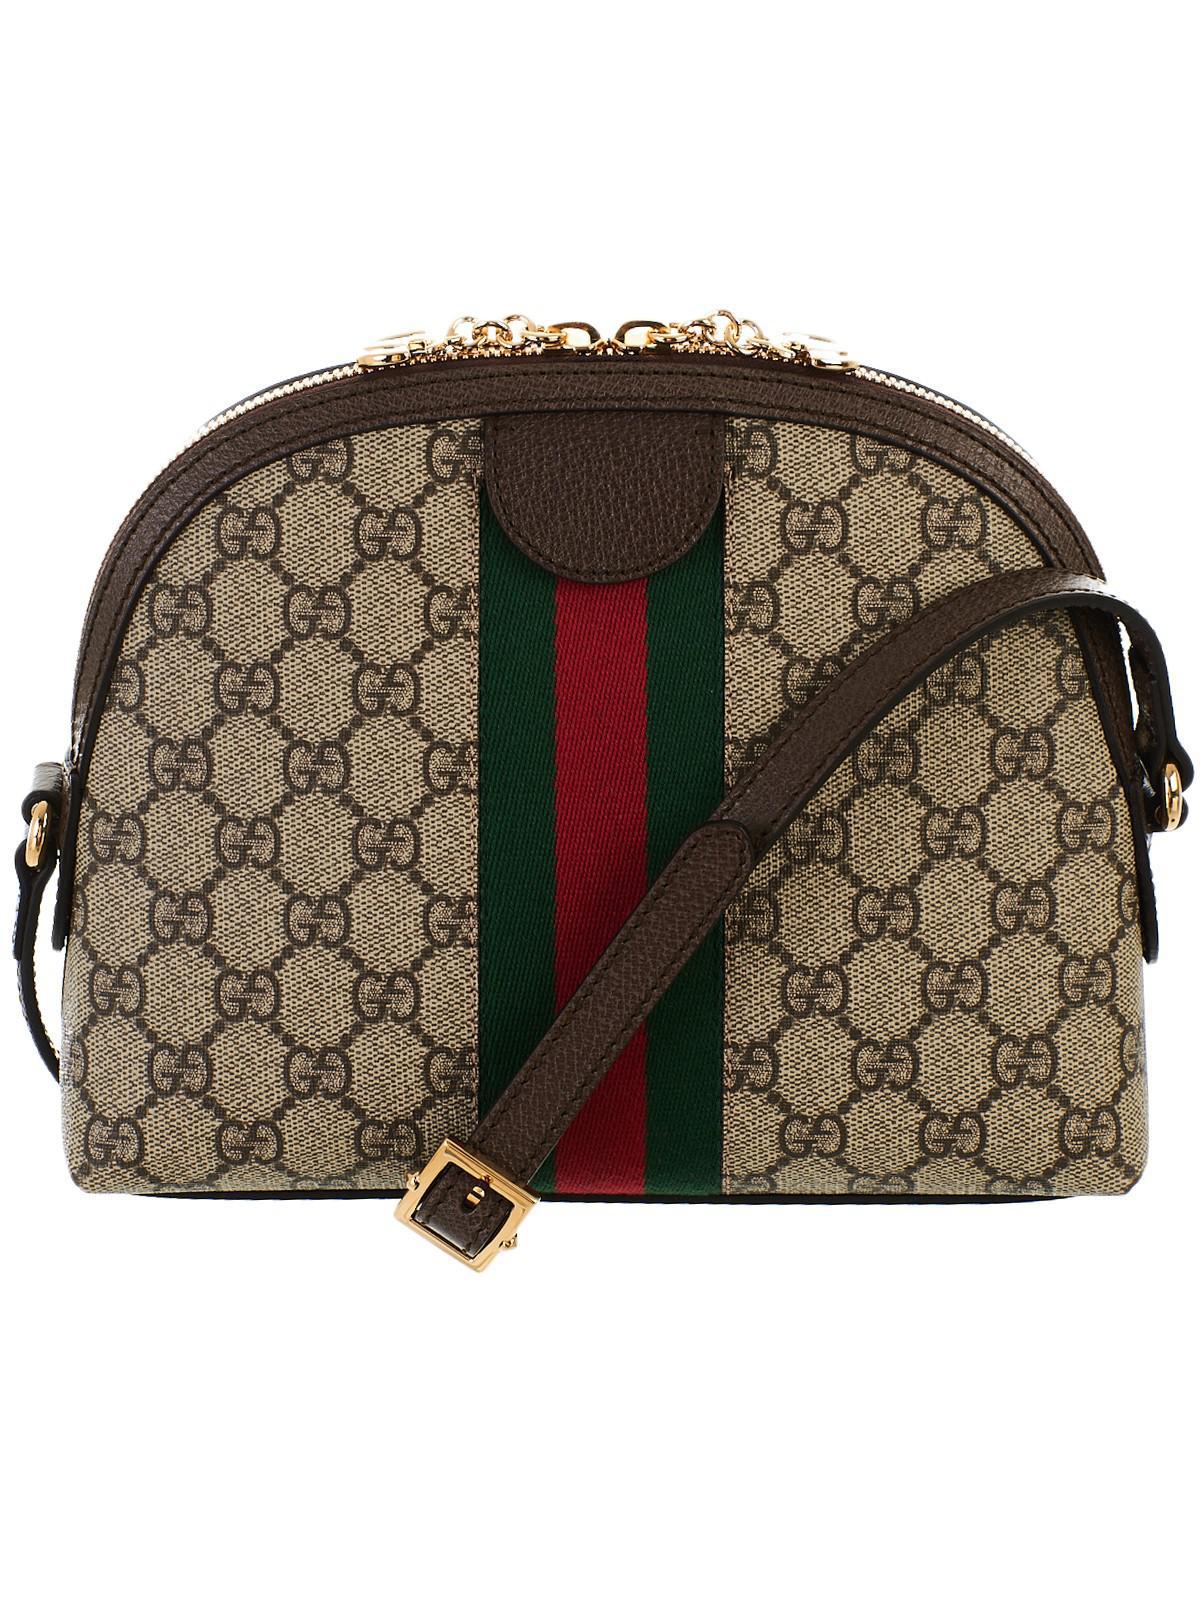 Lyst - Gucci Borsa Ophidia Web GG Supreme c46fe35abf7